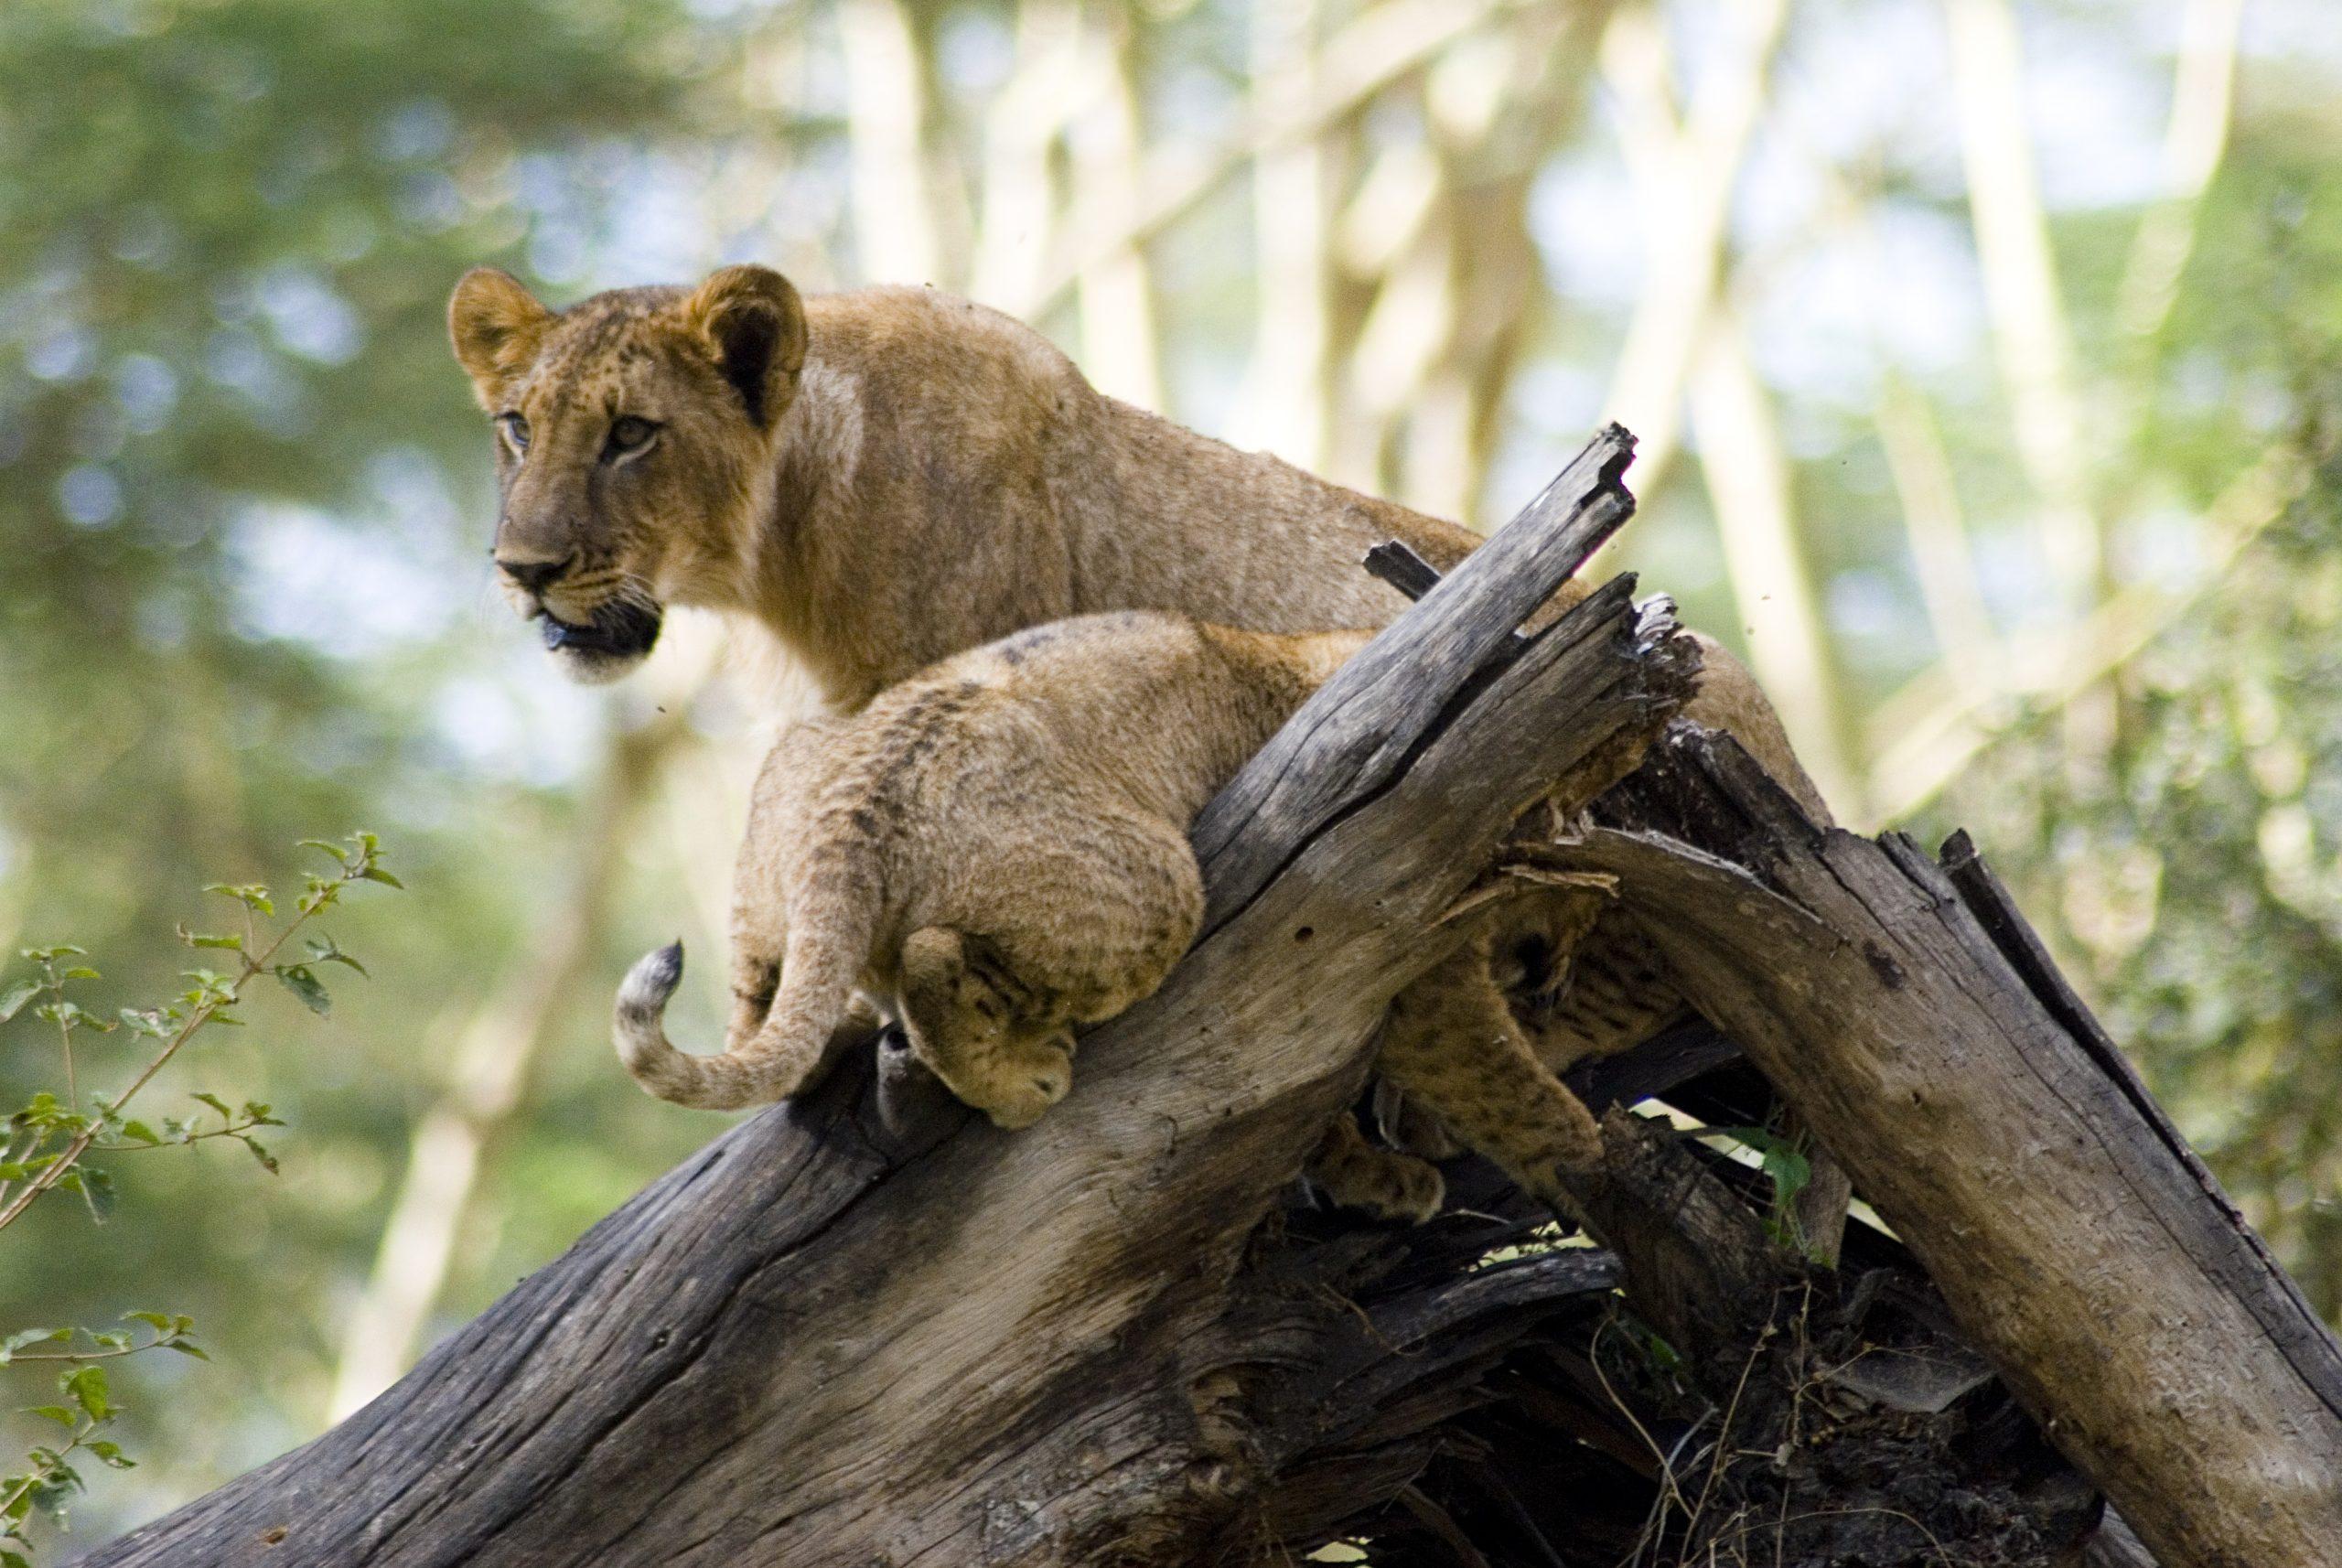 A lioness and a Cub in Lake Nakuru NP. Kenya wildlife safaris